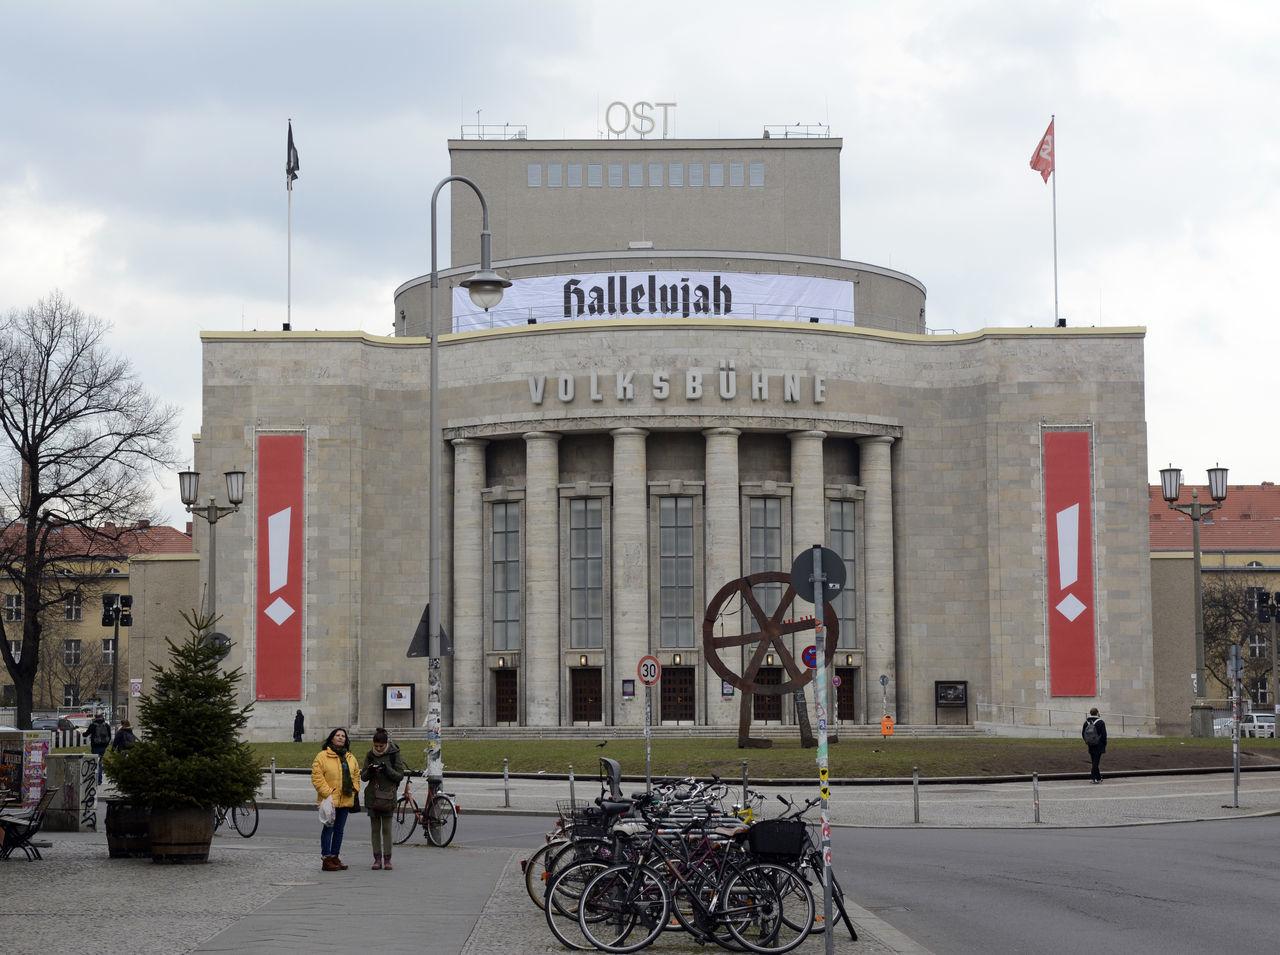 Volksbühne Berlin Architecture Berlin Berliner Ansichten Building Built Structure City City Life Hallelujah Outdoors Rosa-Luxemburg-Platz Street The Urban Volksbühne